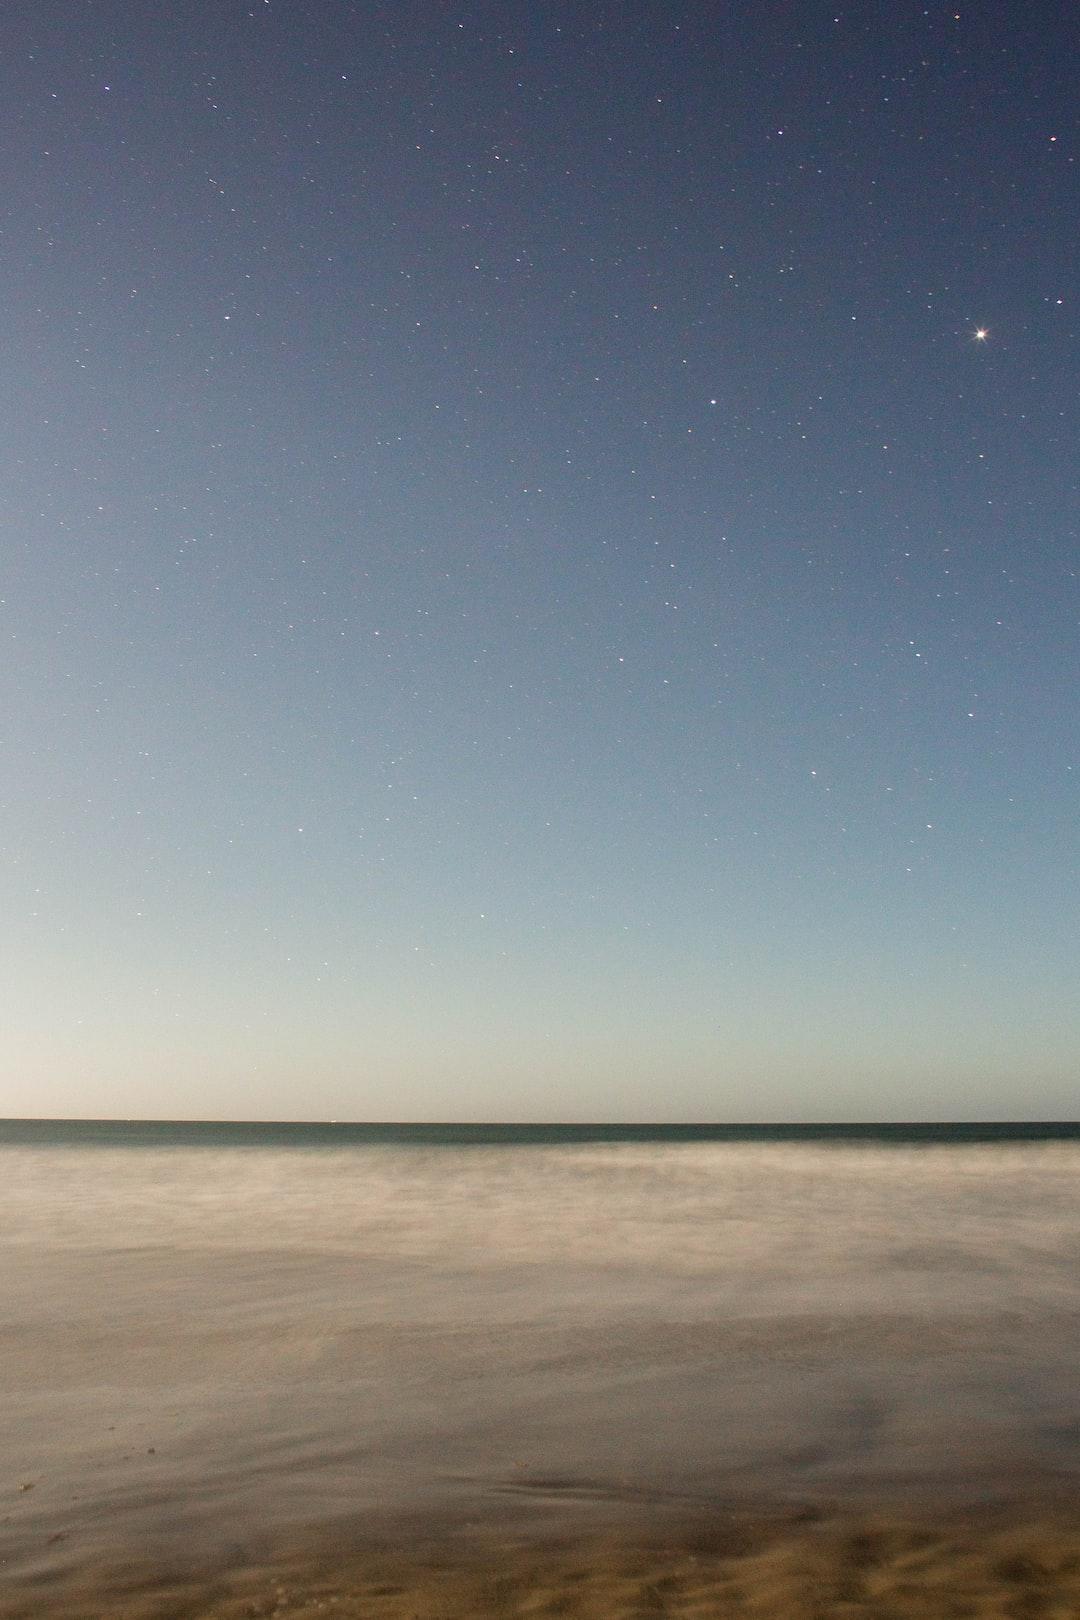 Ocean under starry sky